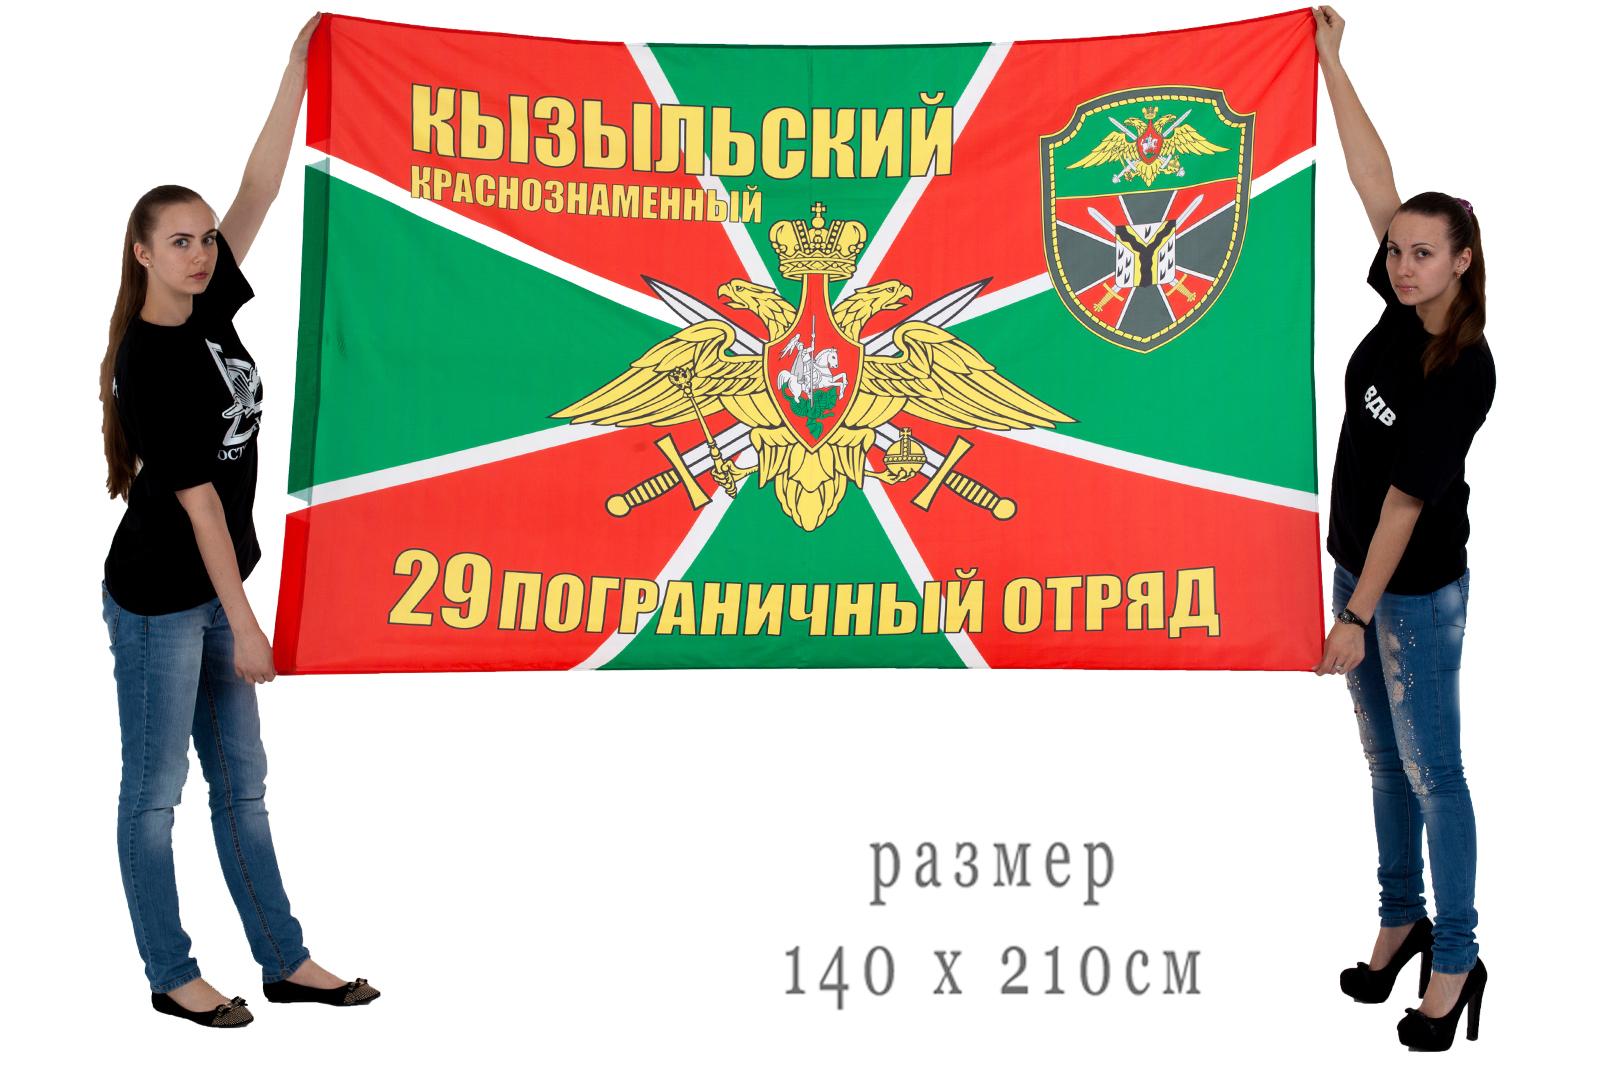 Купить большой флаг Кызыльского 29 погранотряда